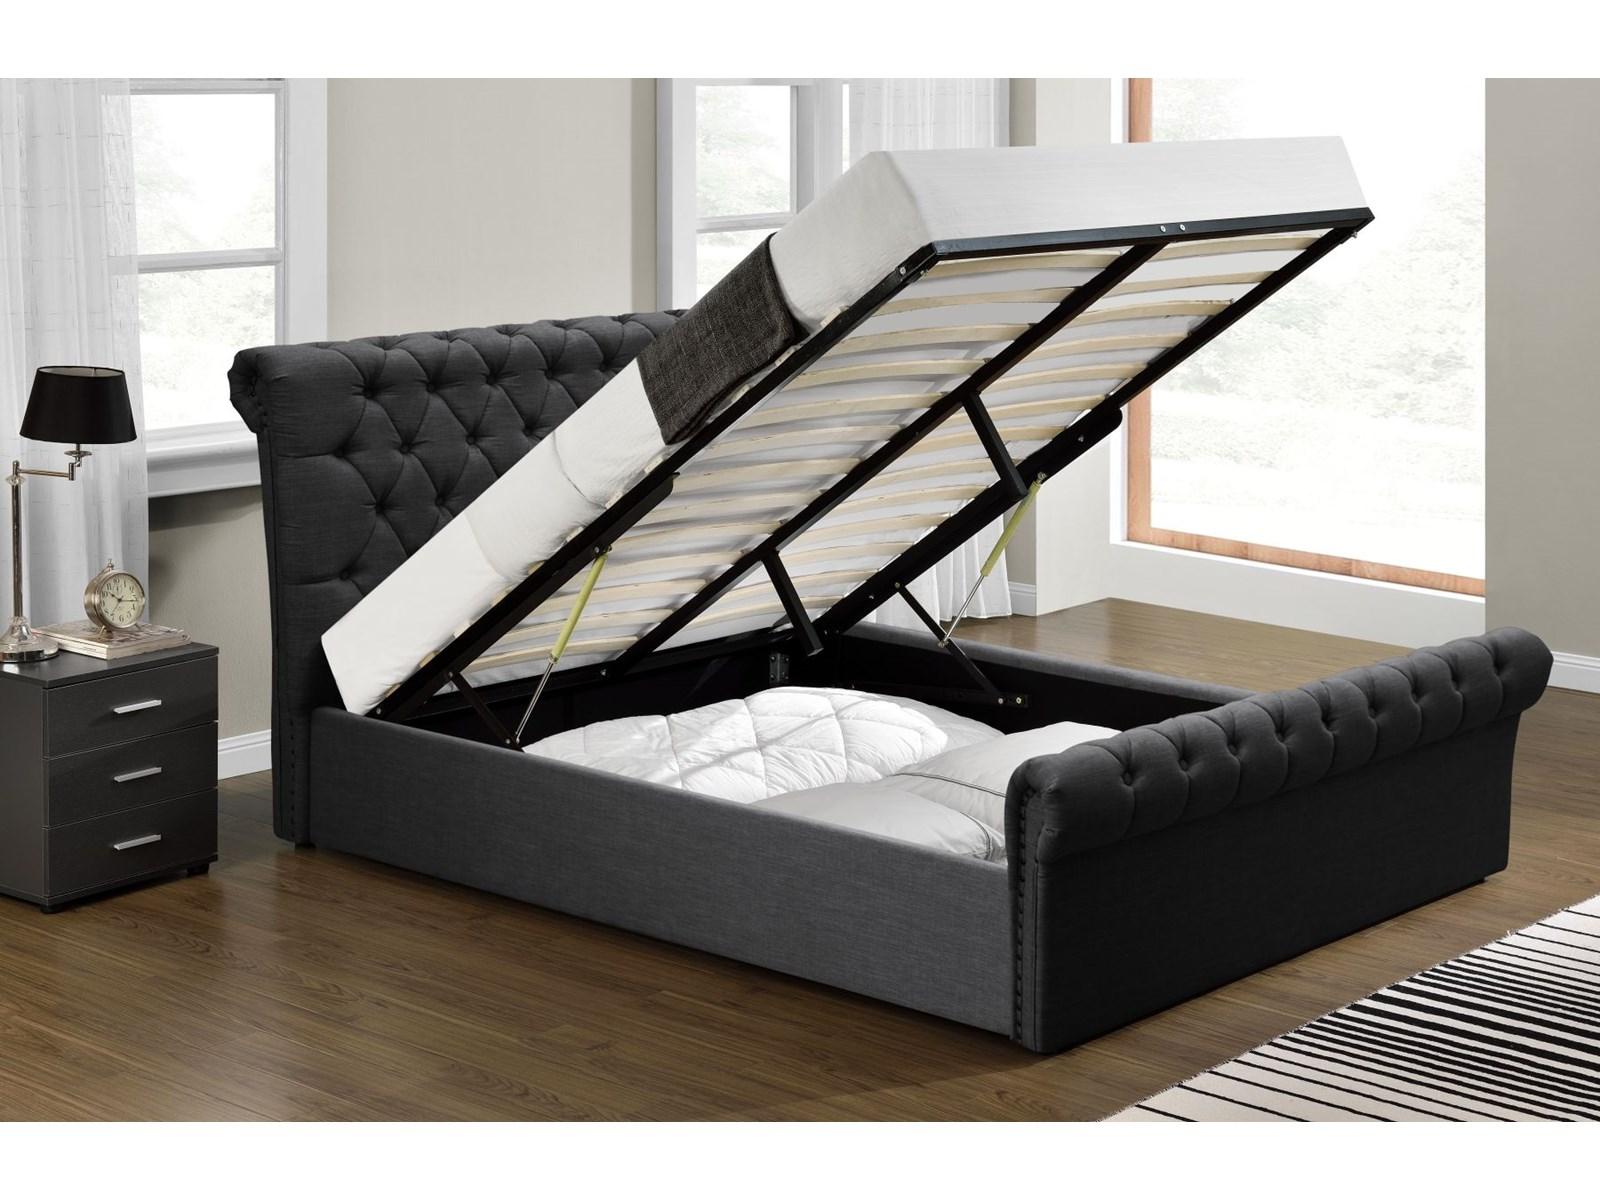 łóżko 140x200 Tapicerowane Do Sypialni 1298g Czarne